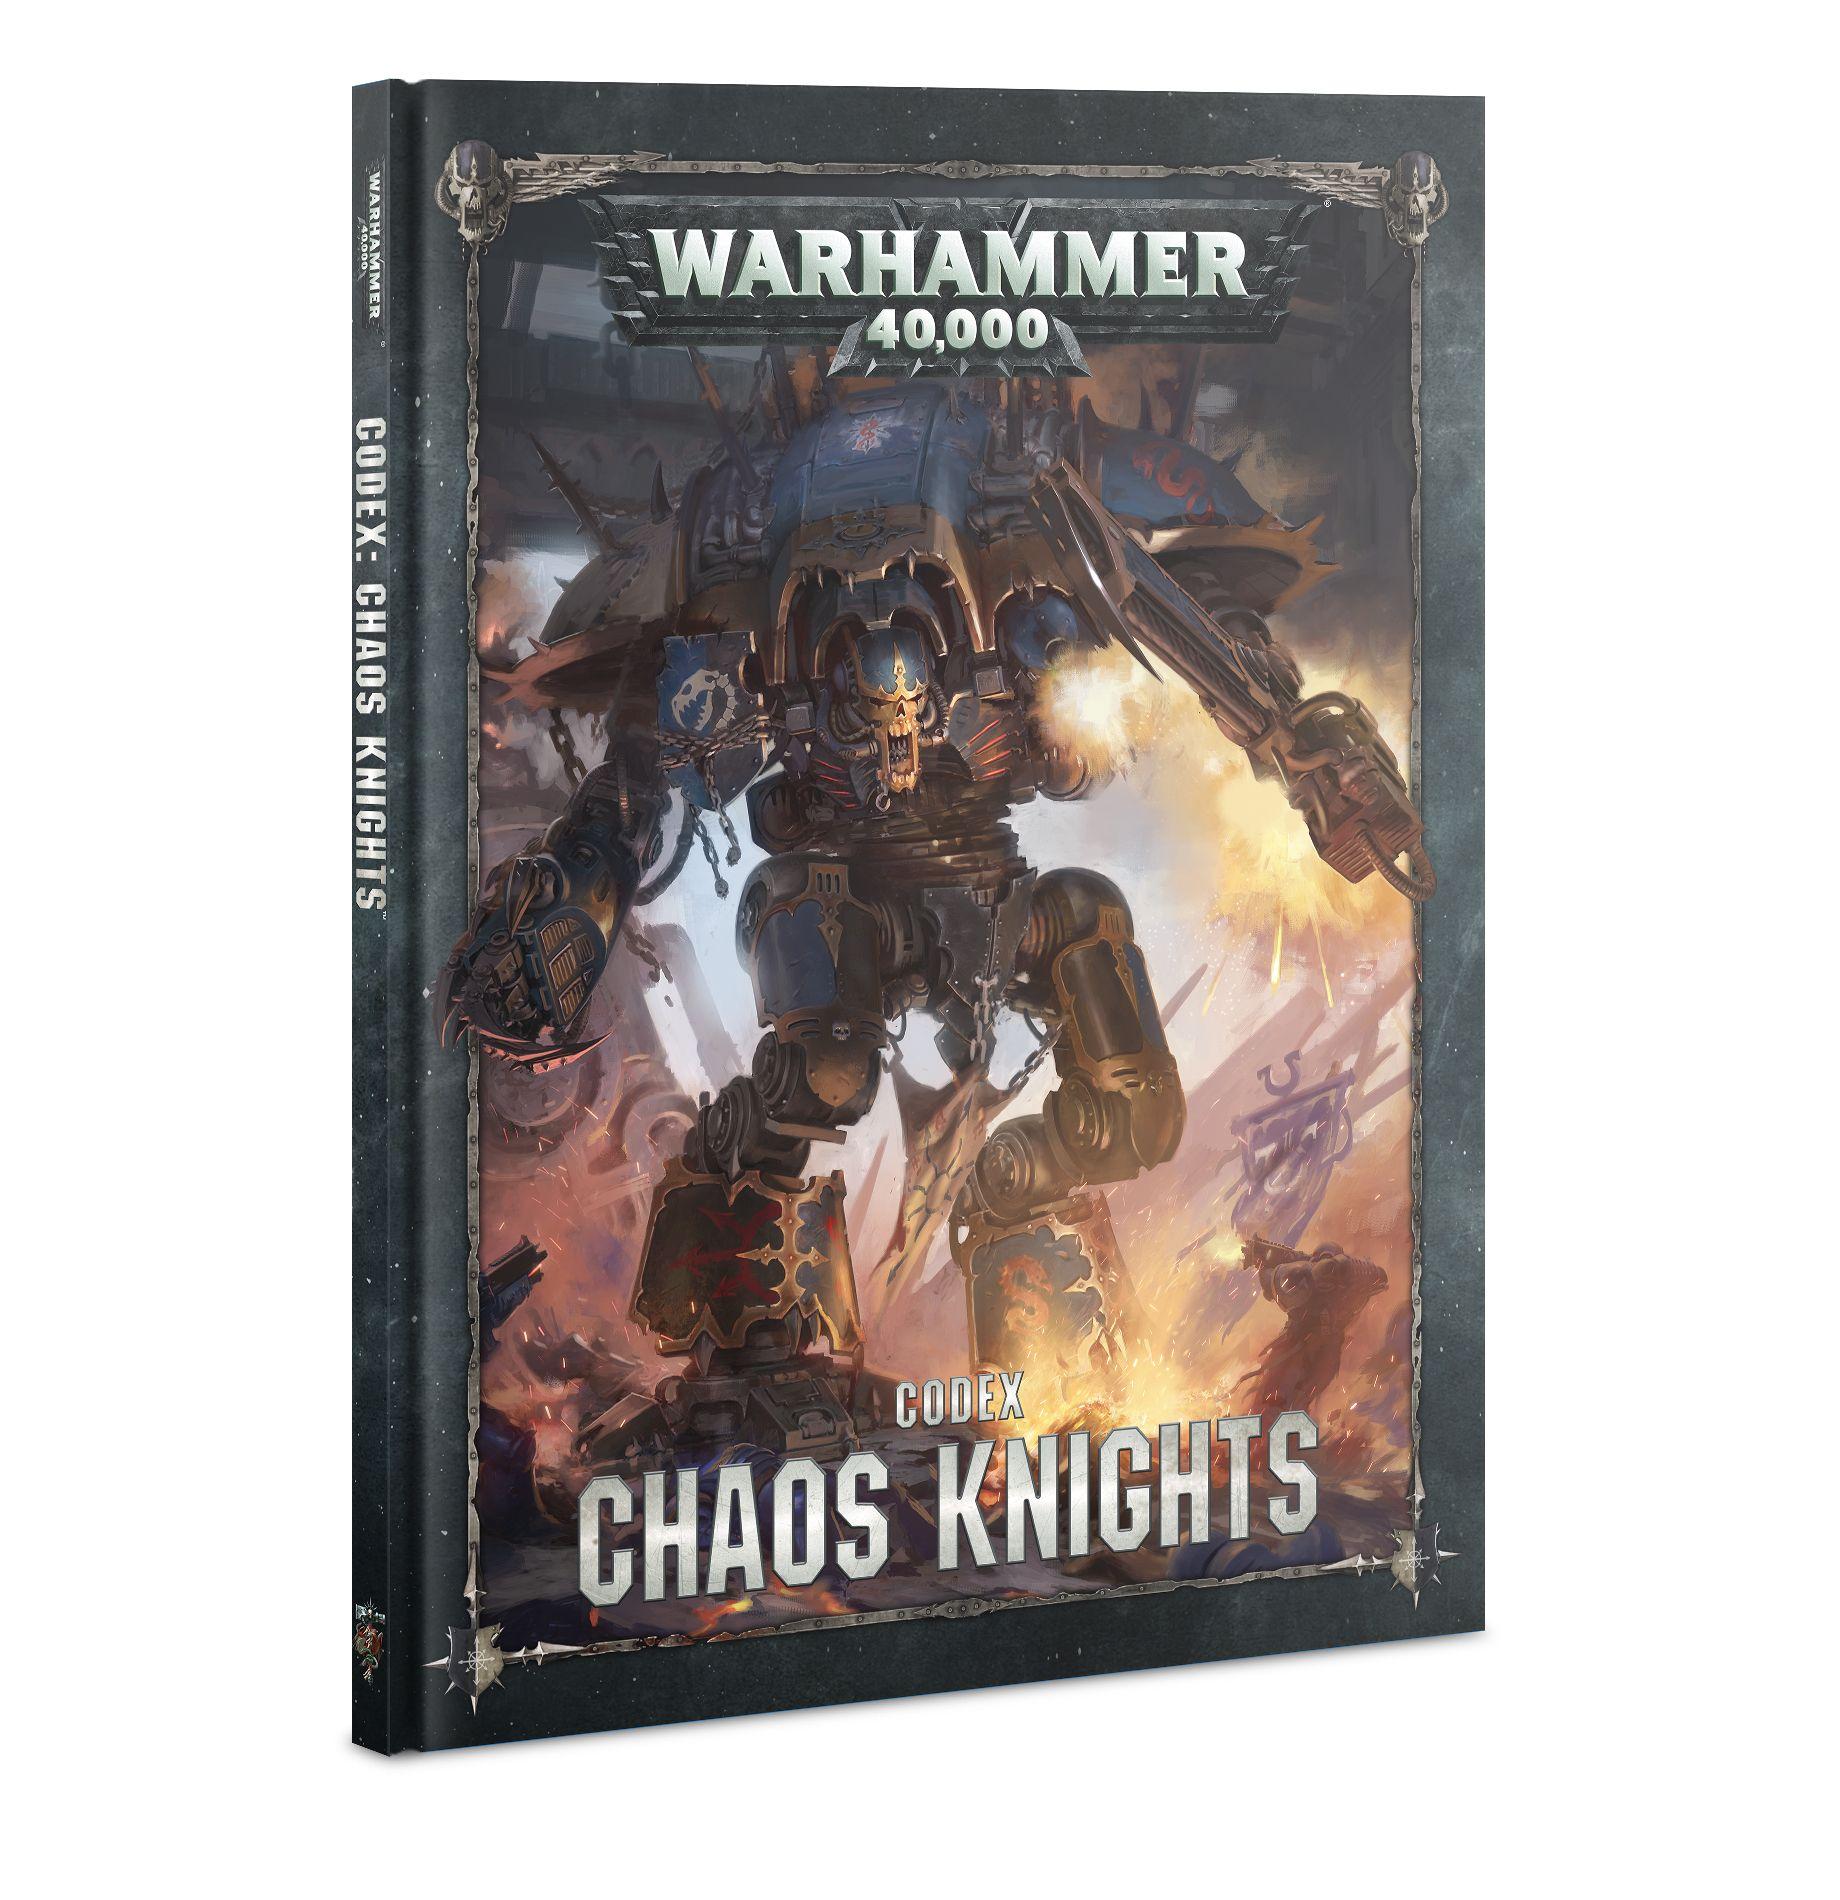 Chaos Knights Codex